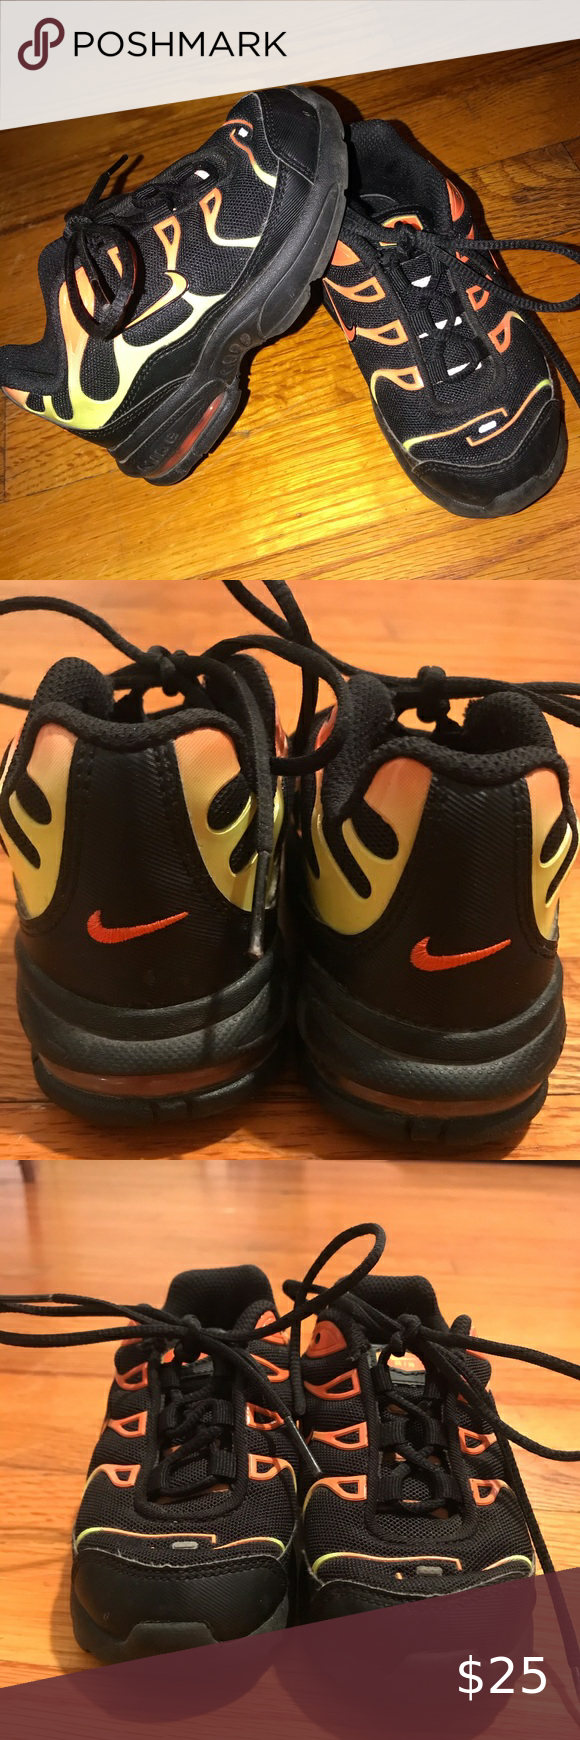 Cromático negocio templado  Nike Air Max TM | Nike air, Nike air max, Nike